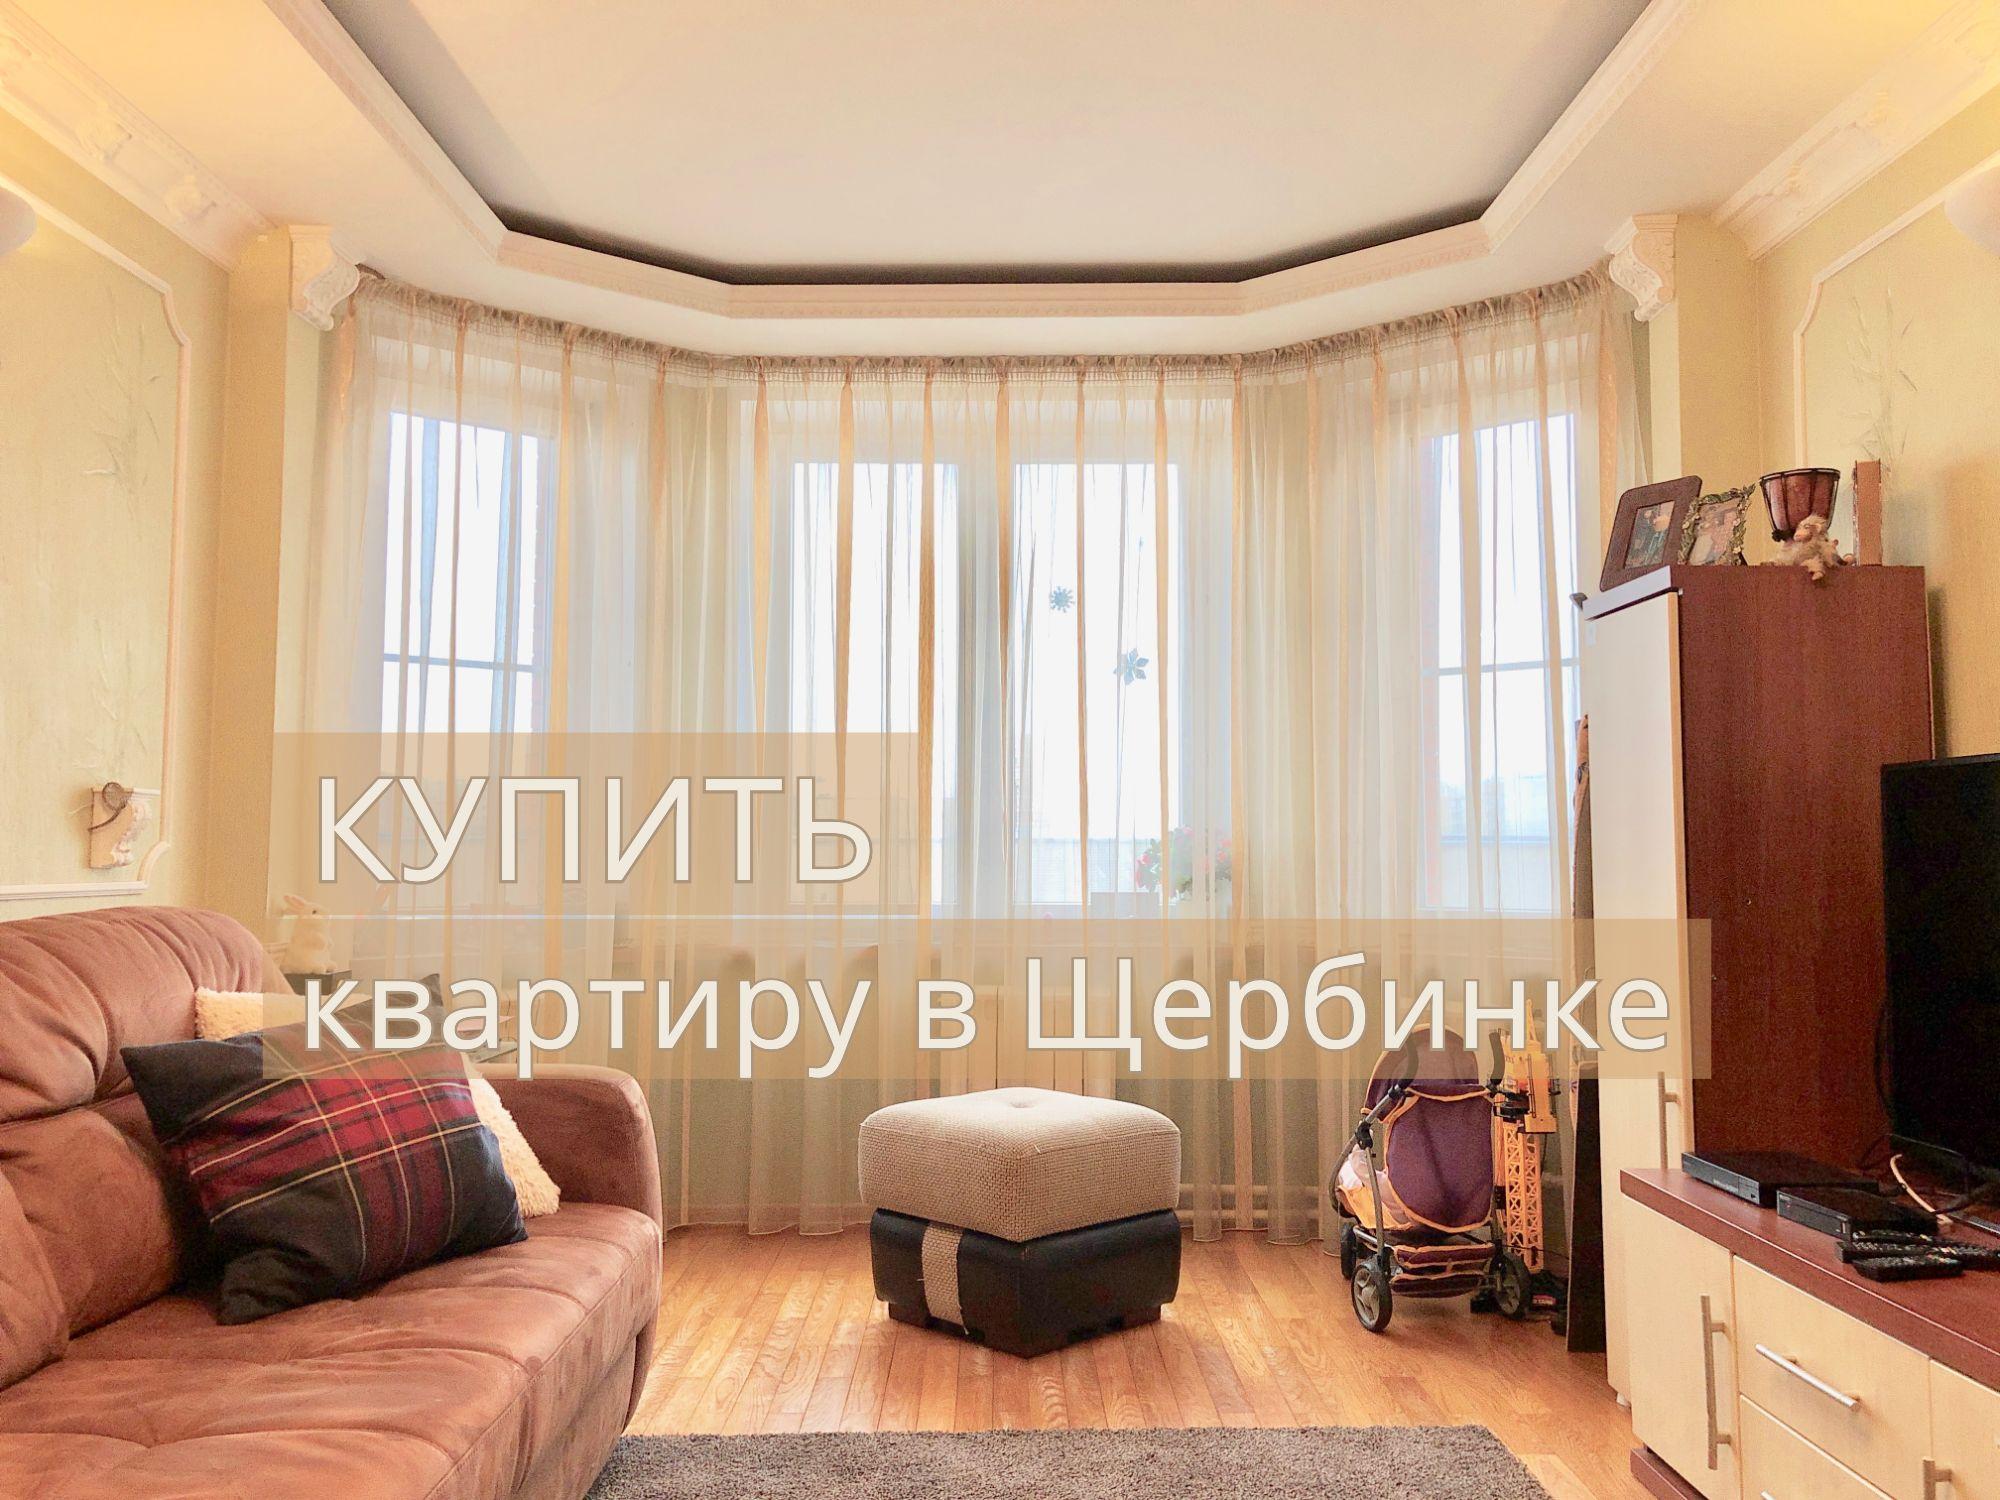 Купить 3-х-комнатную квартиру в Щербинке